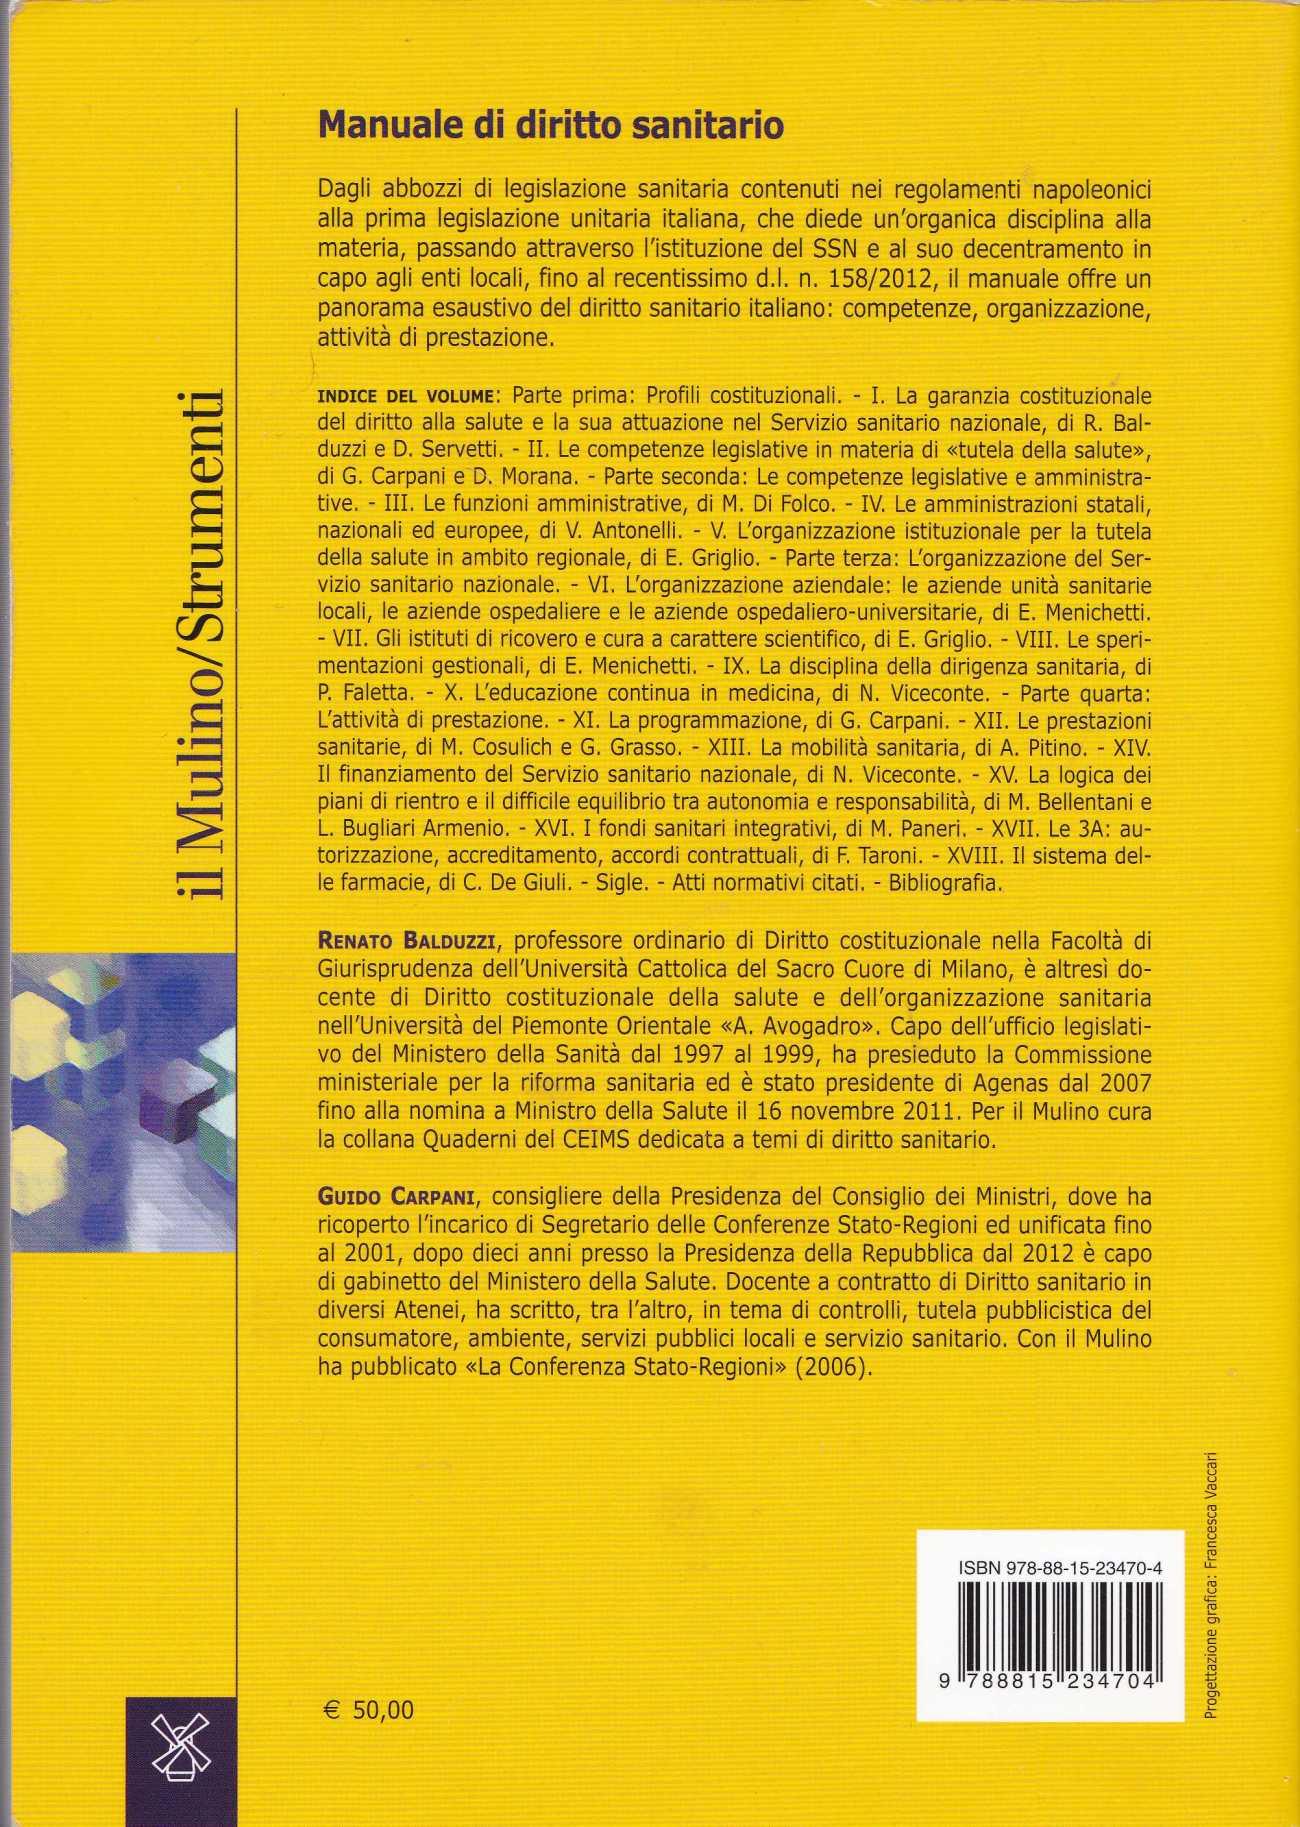 manuale1482